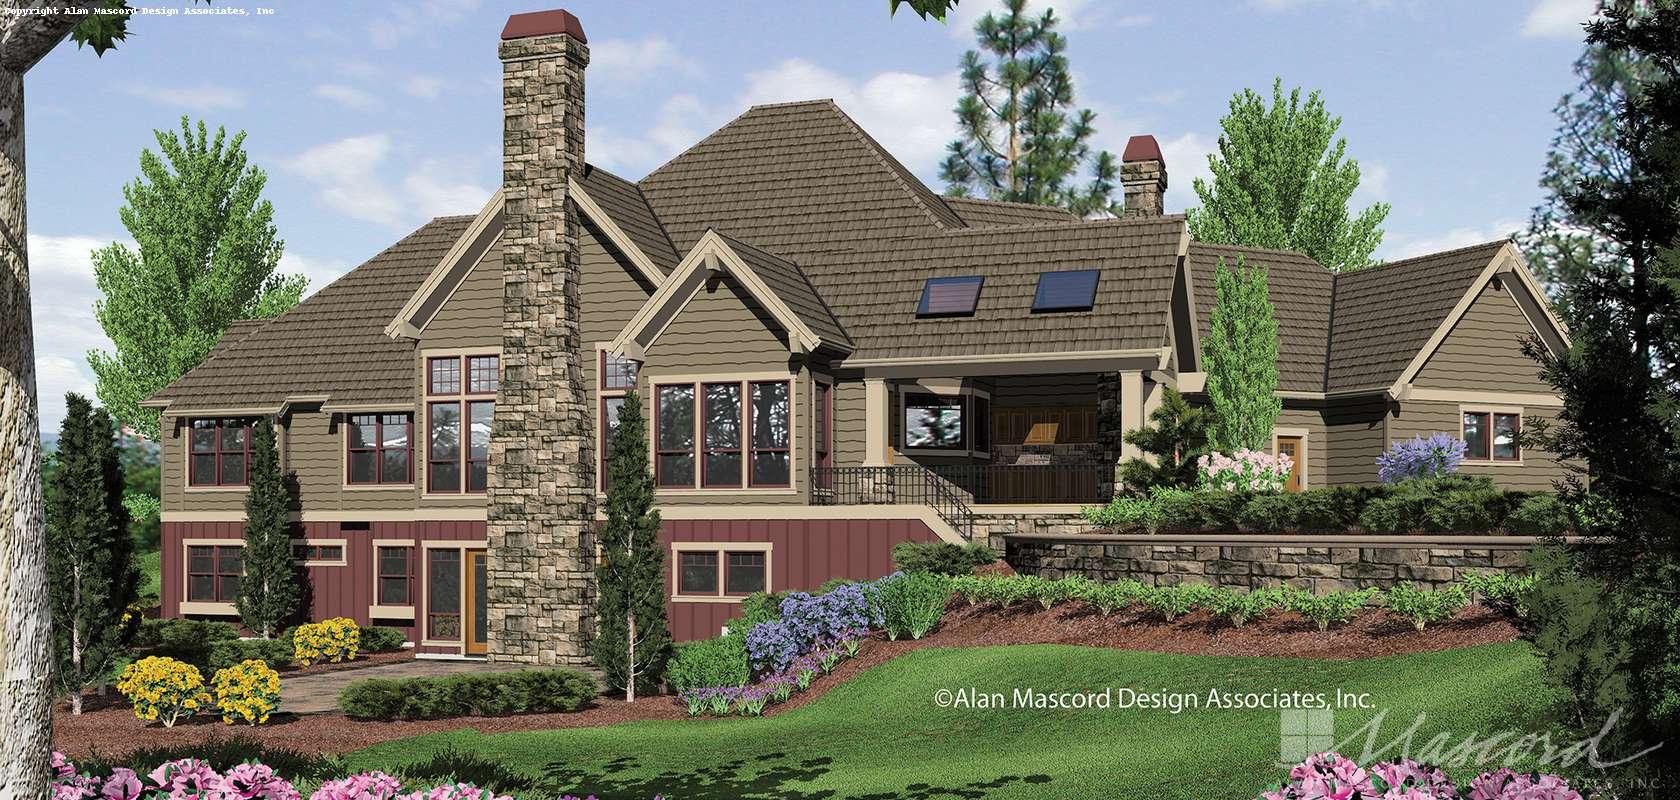 Mascord House Plan 1411: The Tasseler